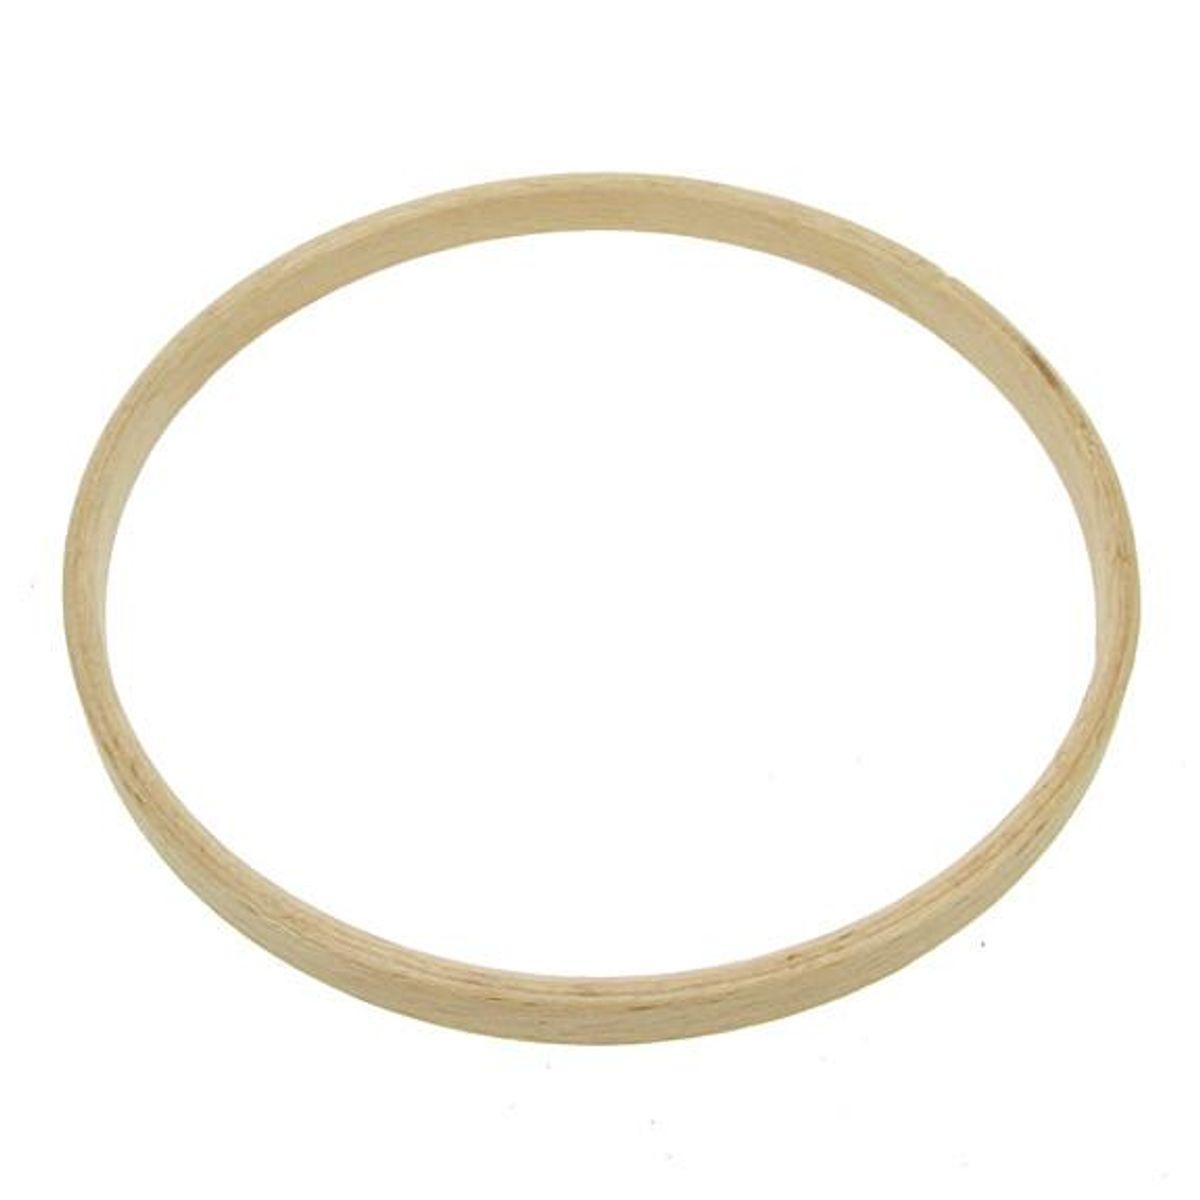 Cercle en bois pour attrape-rêves